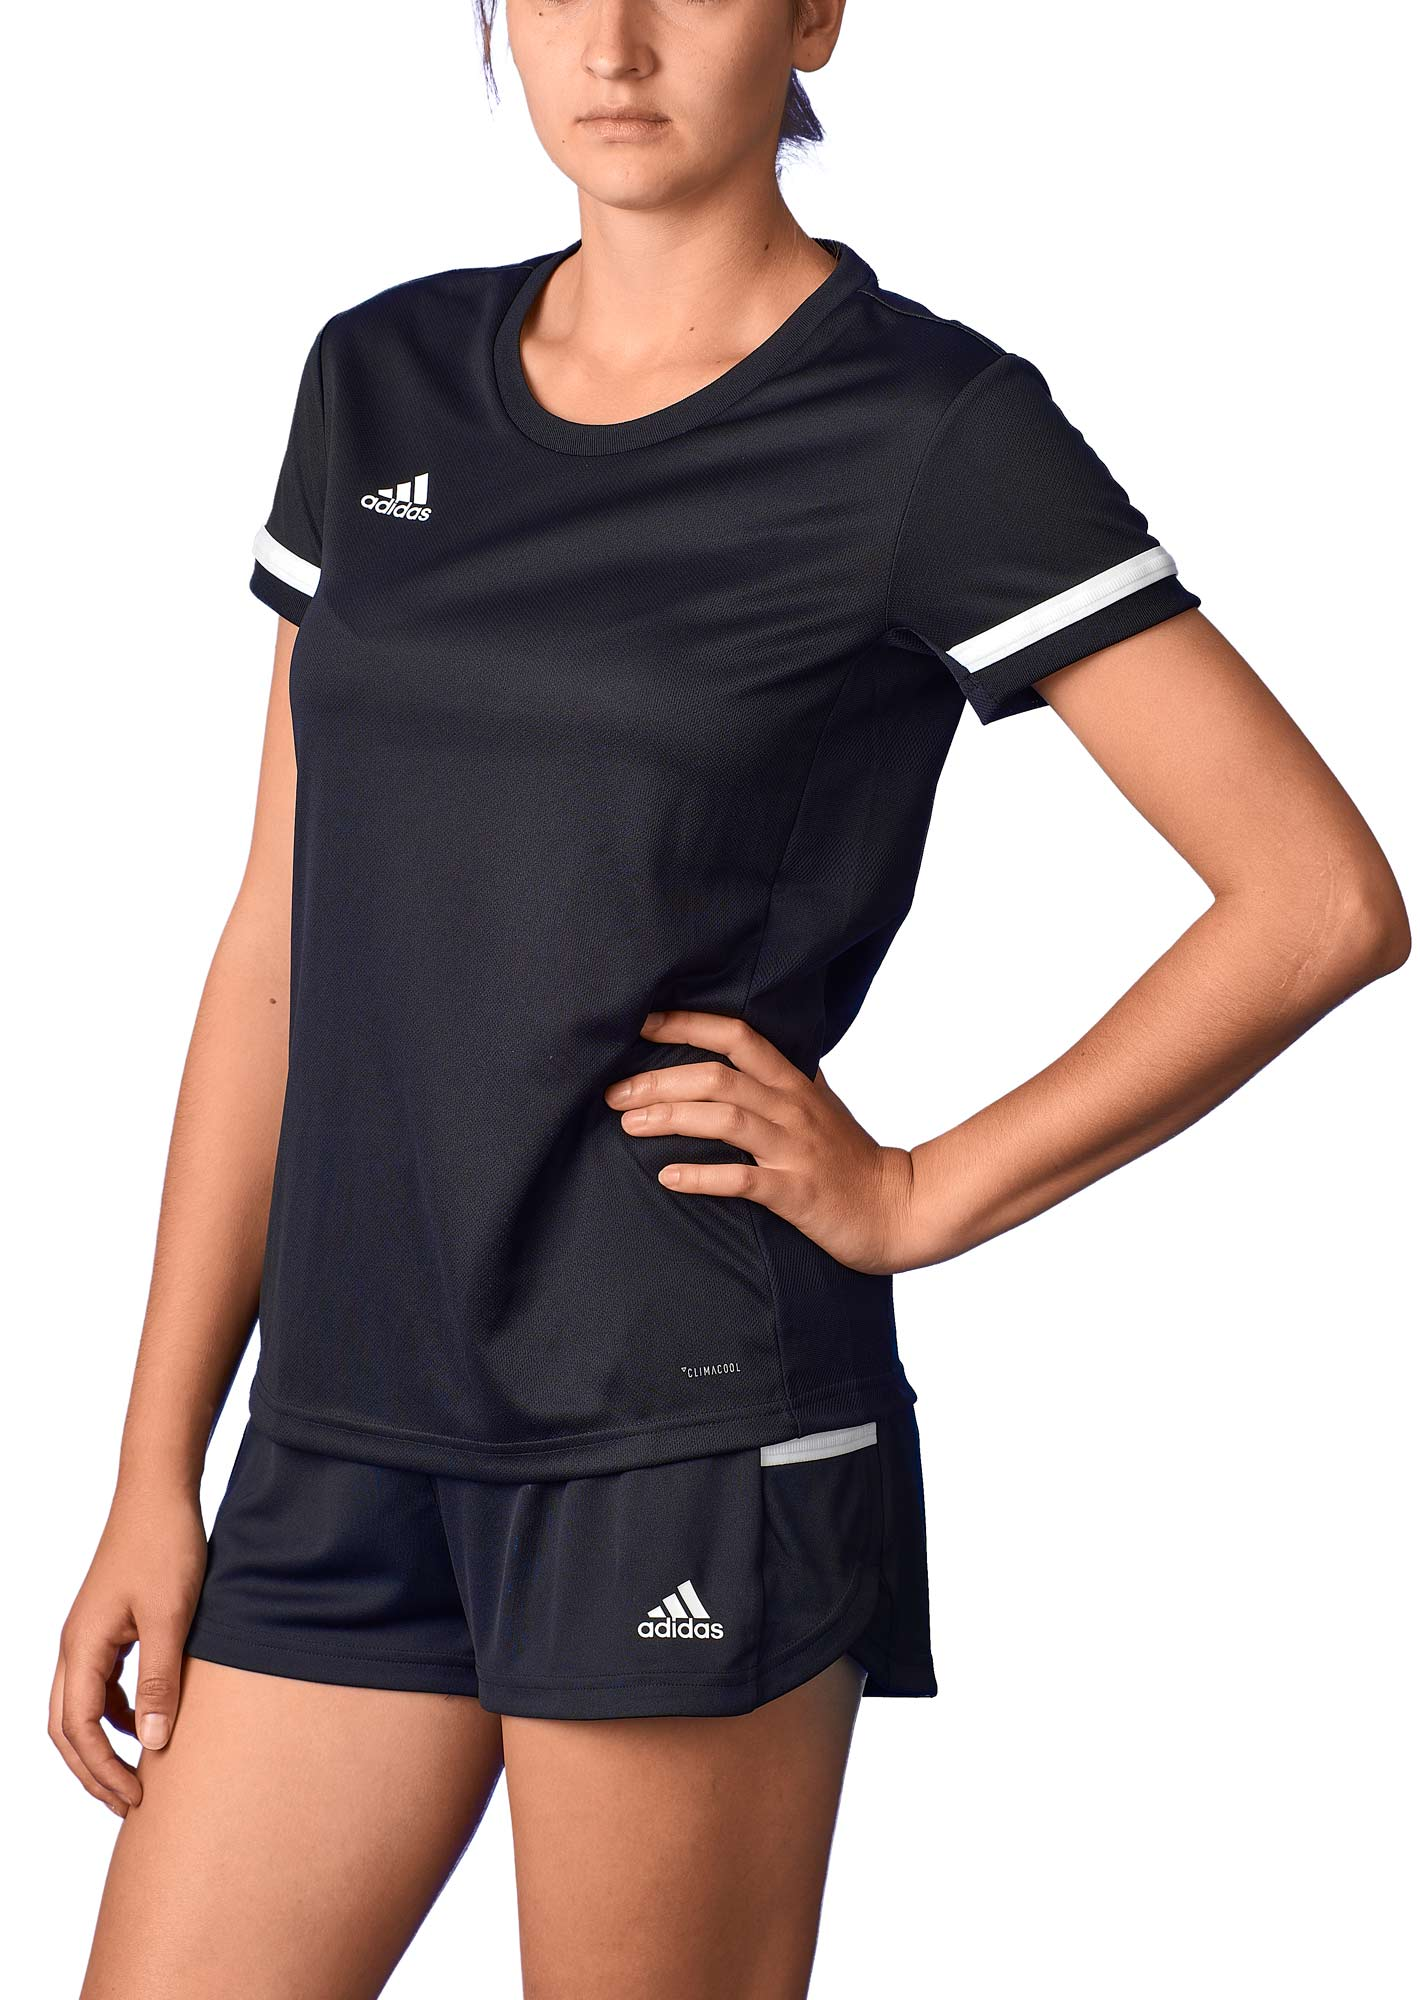 adidas T19 Shortsleeve Jersey Damen schwarzweiß, DW6886